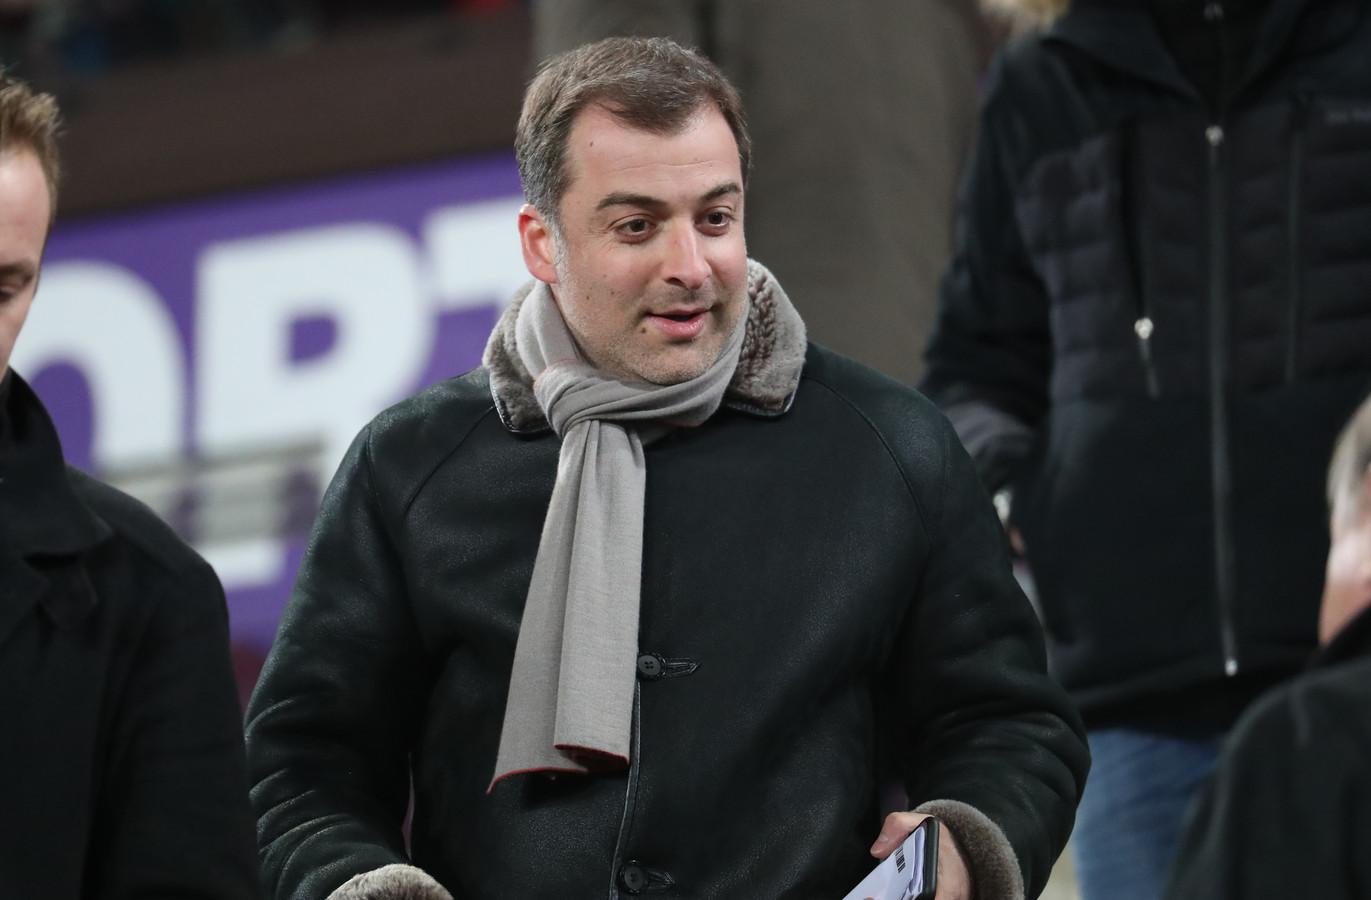 20 februari 2019: Mogi Bayat laat rekeningen Anderlecht blokkeren omdat de club hem weigert te betalen. De makelaar was ook al van de partij op de tribunes van het Constant Vanden Stockstadion.